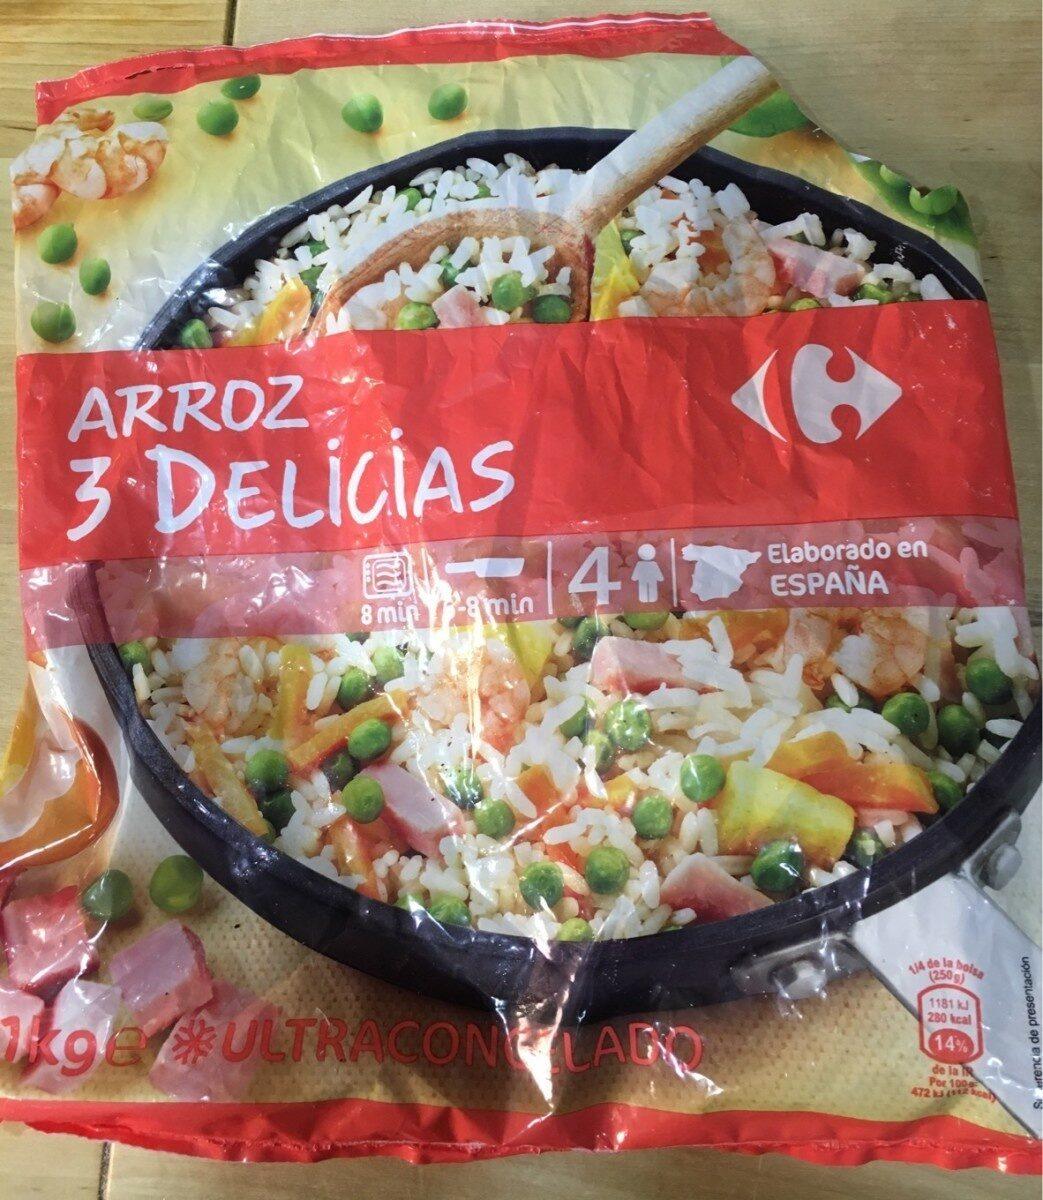 Arroz 3 delicias - Product - es